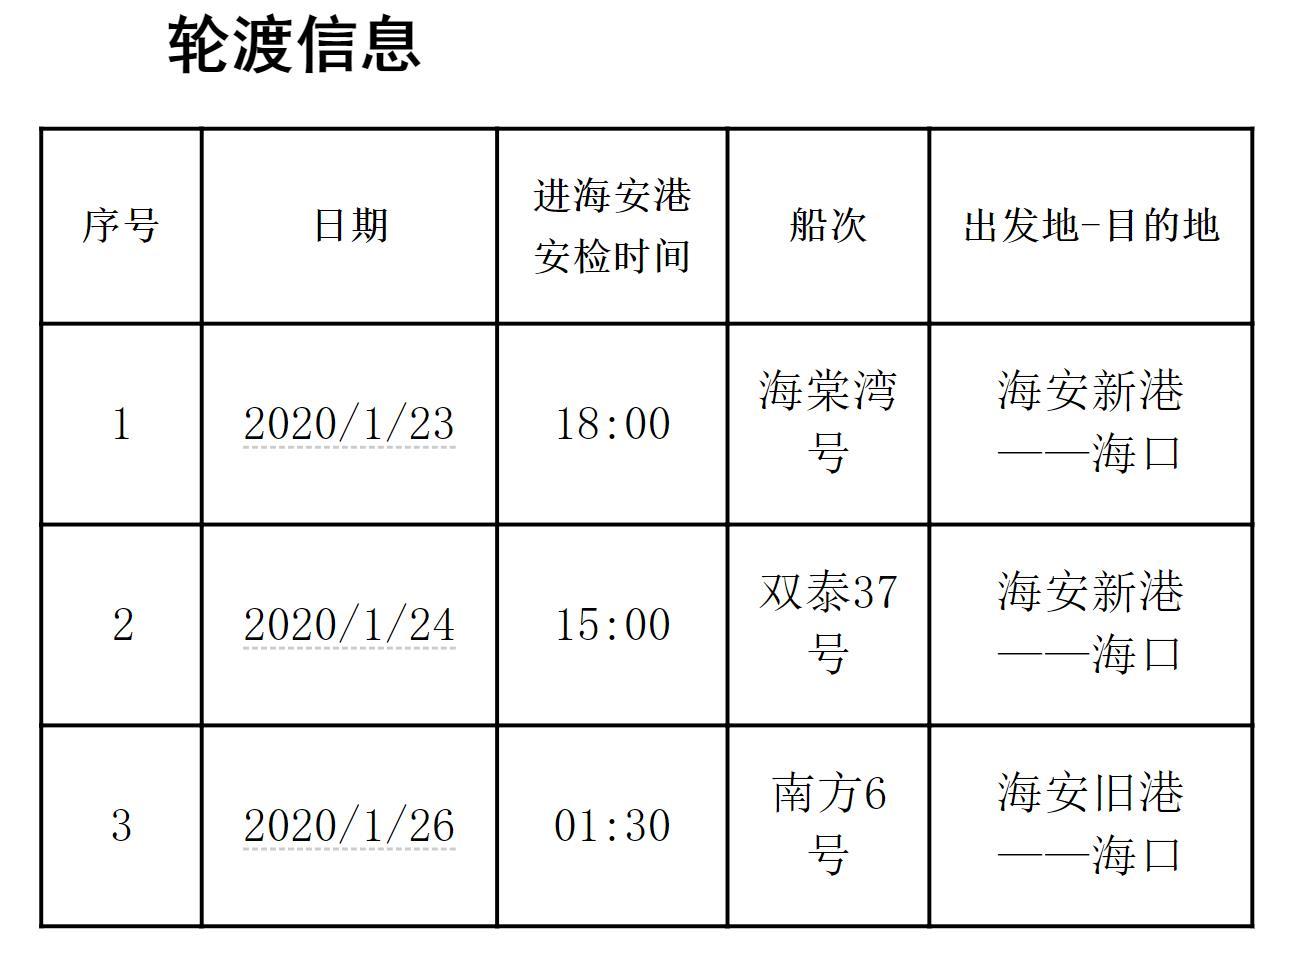 急寻海南同行旅客 3个轮渡发现确诊患者:时间为1月23日至26日